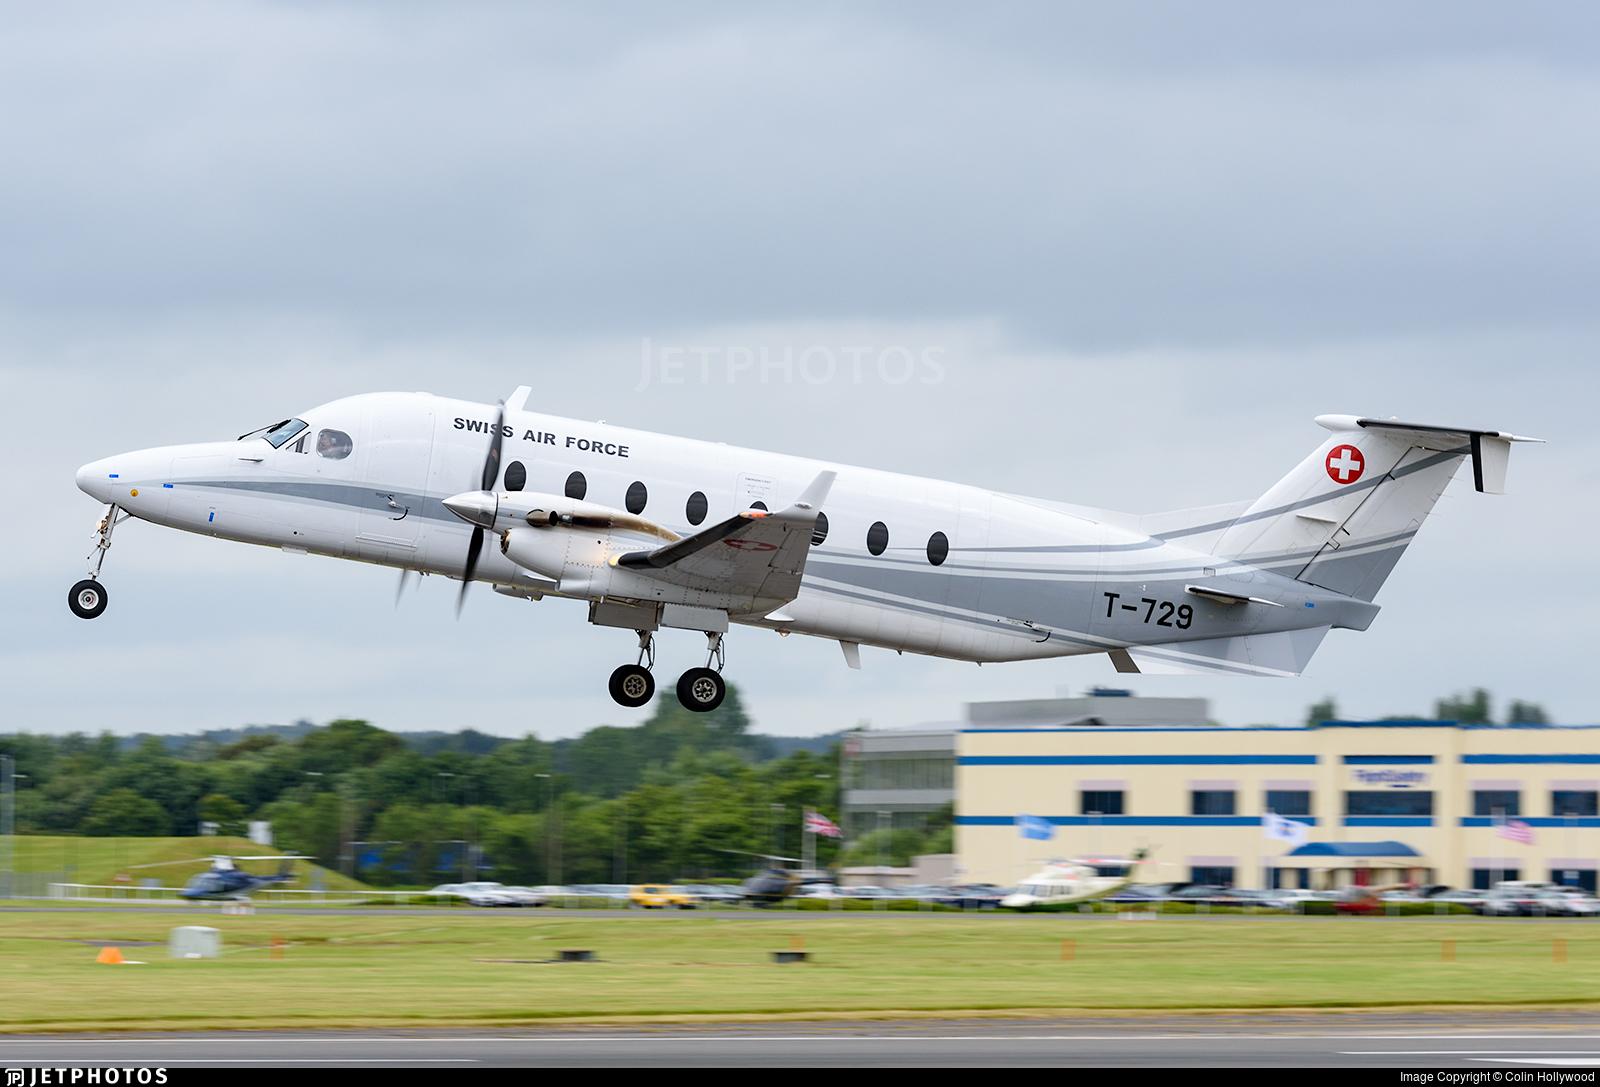 T-729 - Beech 1900D - Switzerland - Air Force